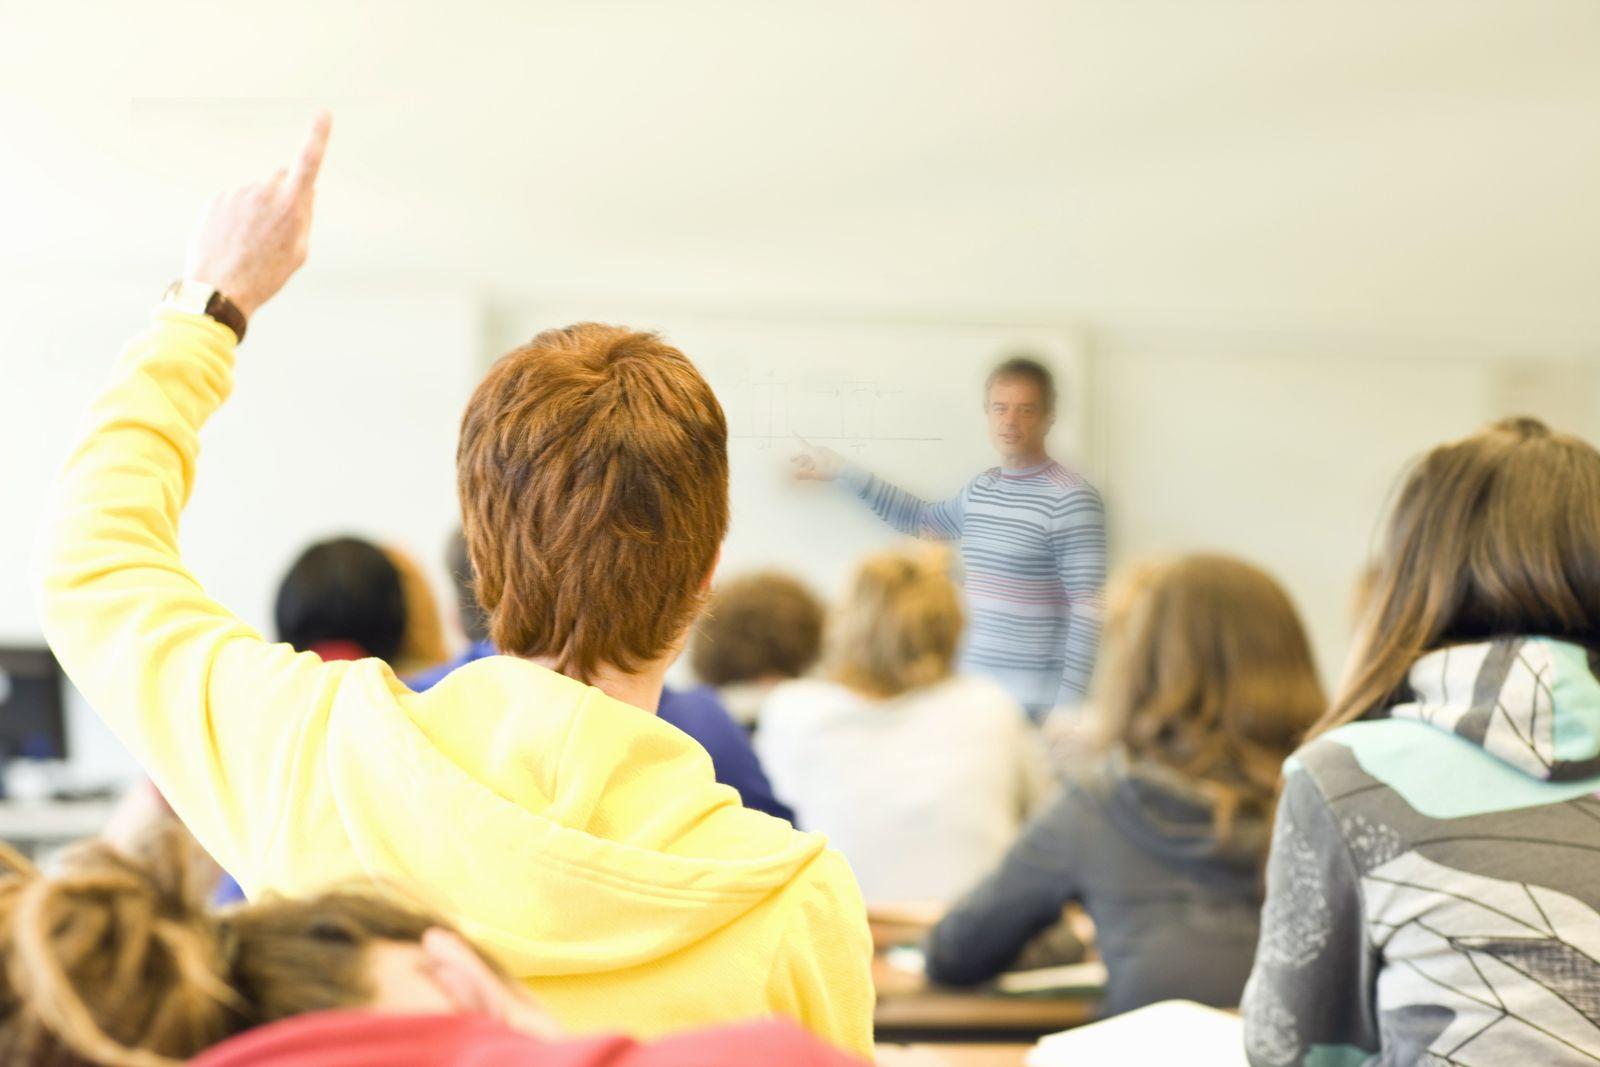 NICHT MEHR VERWENDEN! - Schule / Schüler / Schulklasse